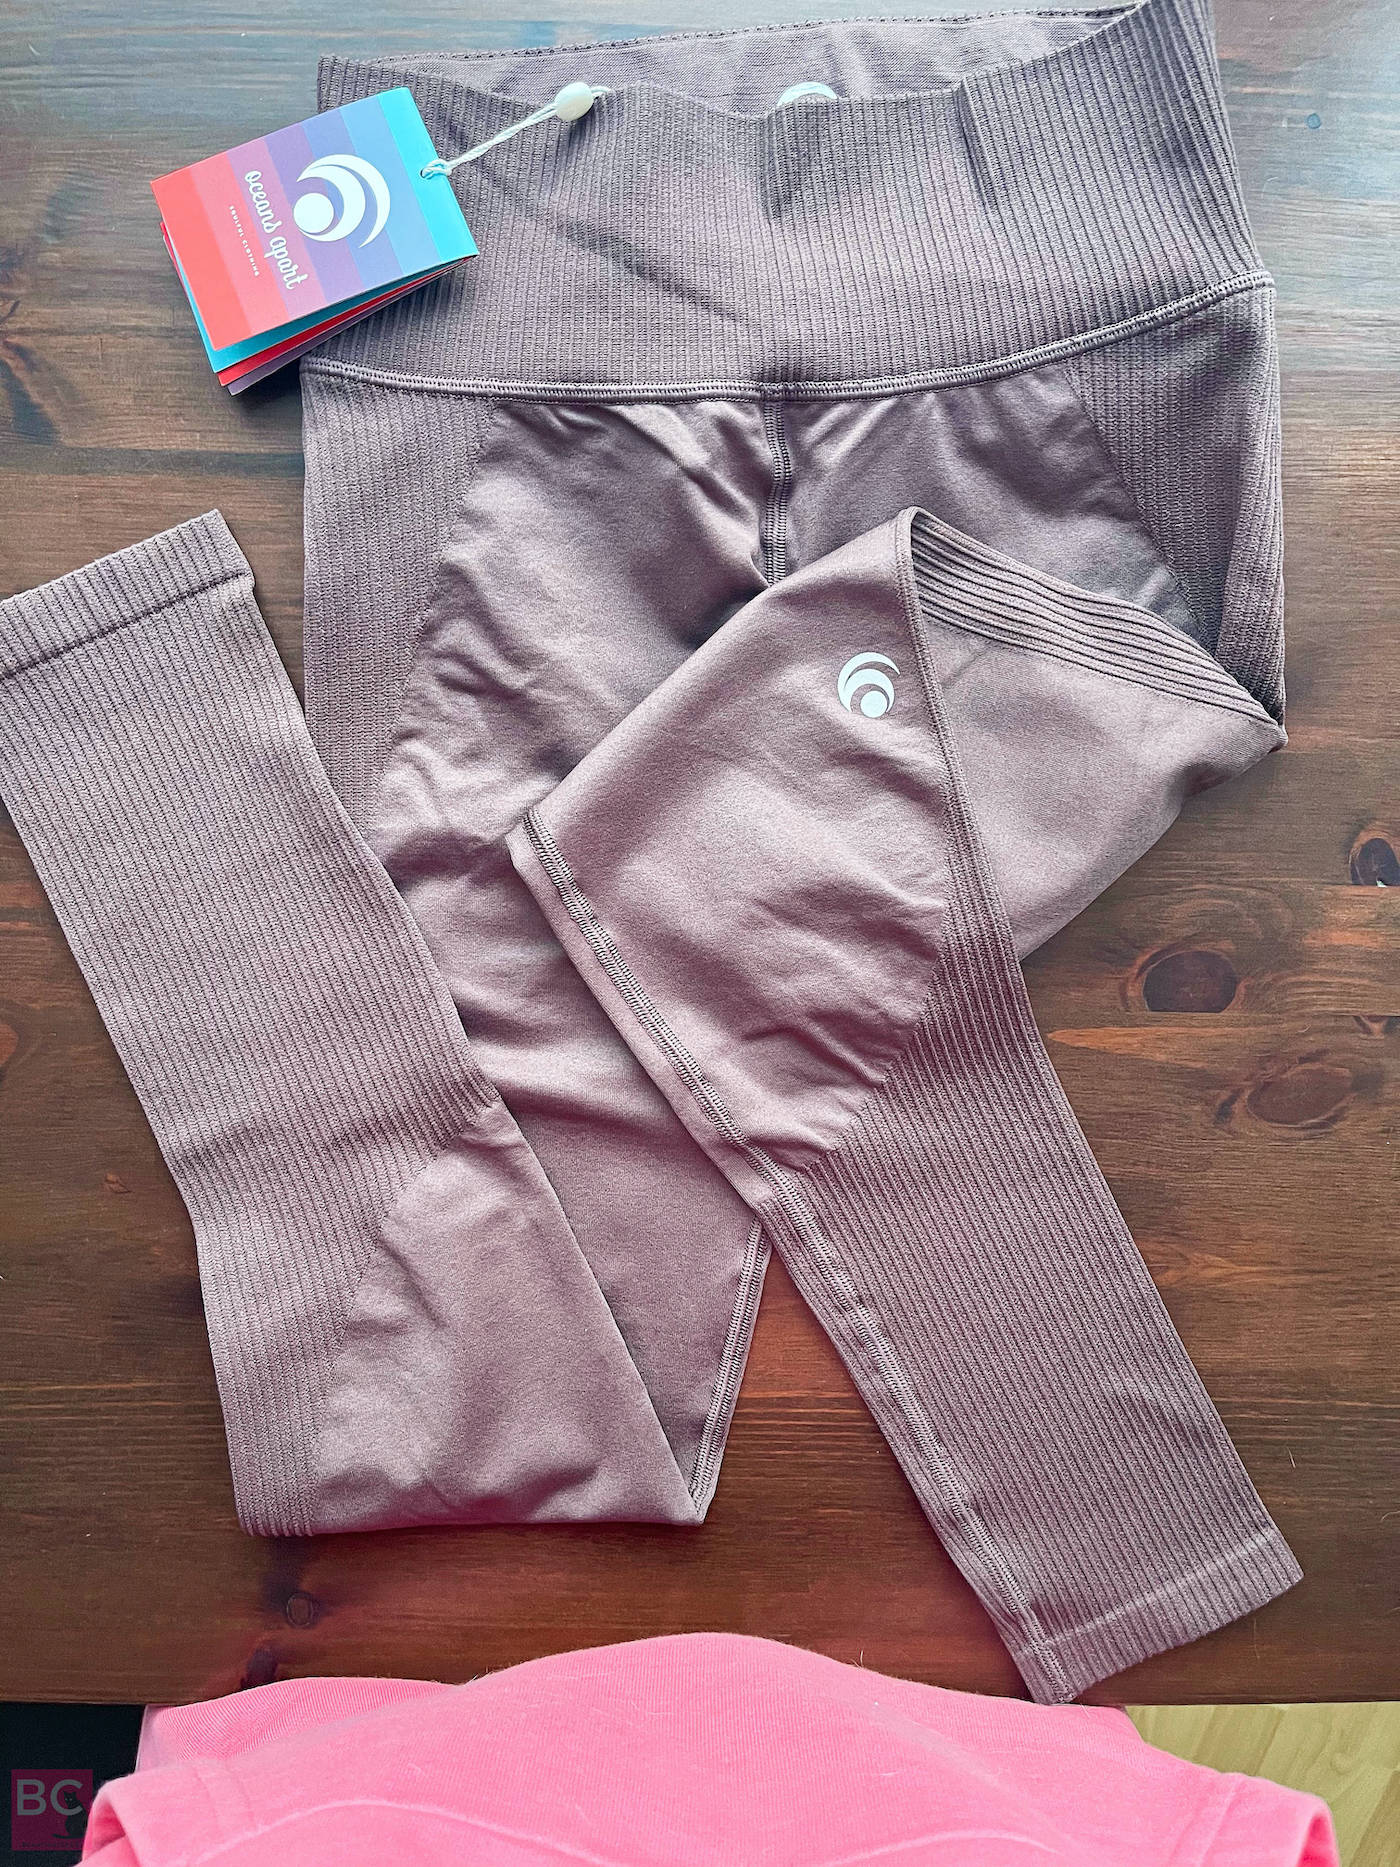 Oceans Apart Erfahrungen Größe JEFFY Set Pants Leggings vorne Logo